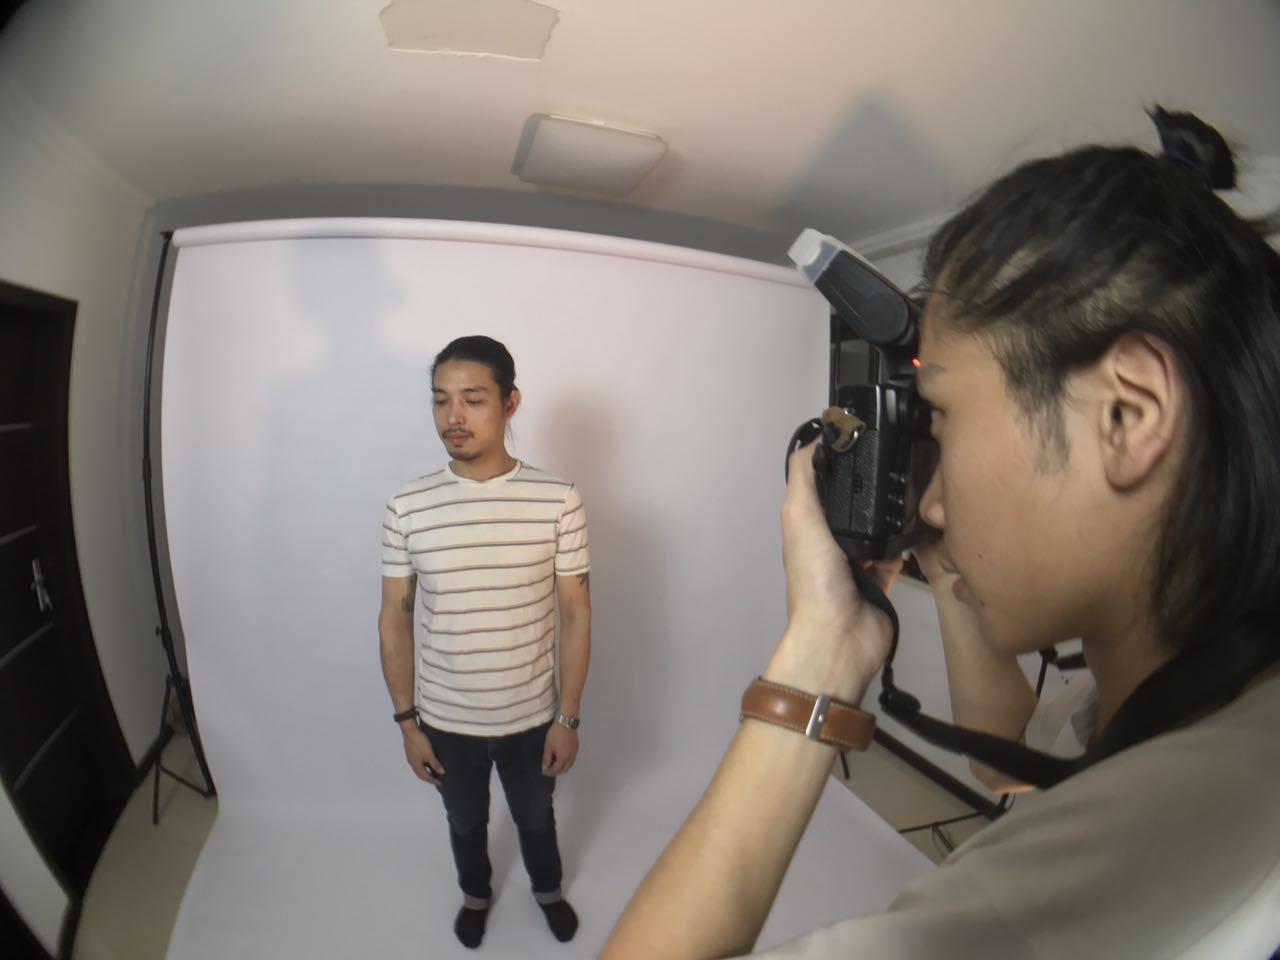 琥珀拍摄宣传照的工作照片